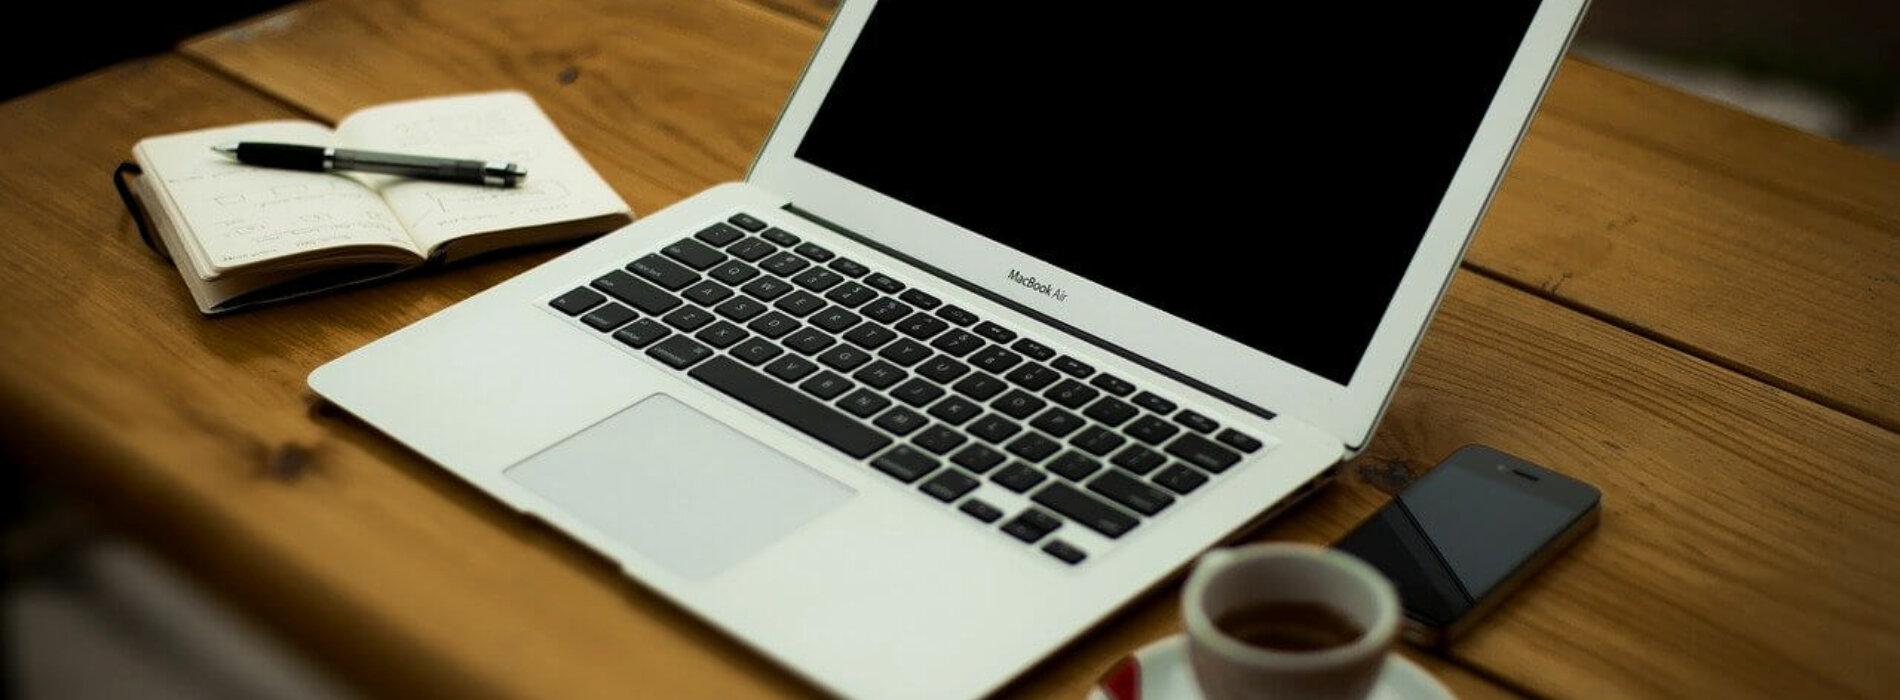 Rząd chce wprowadzić dodatkowy podatek od urządzeń elektronicznych. Cena laptopa może wzrosnąć o kilkaset złotych